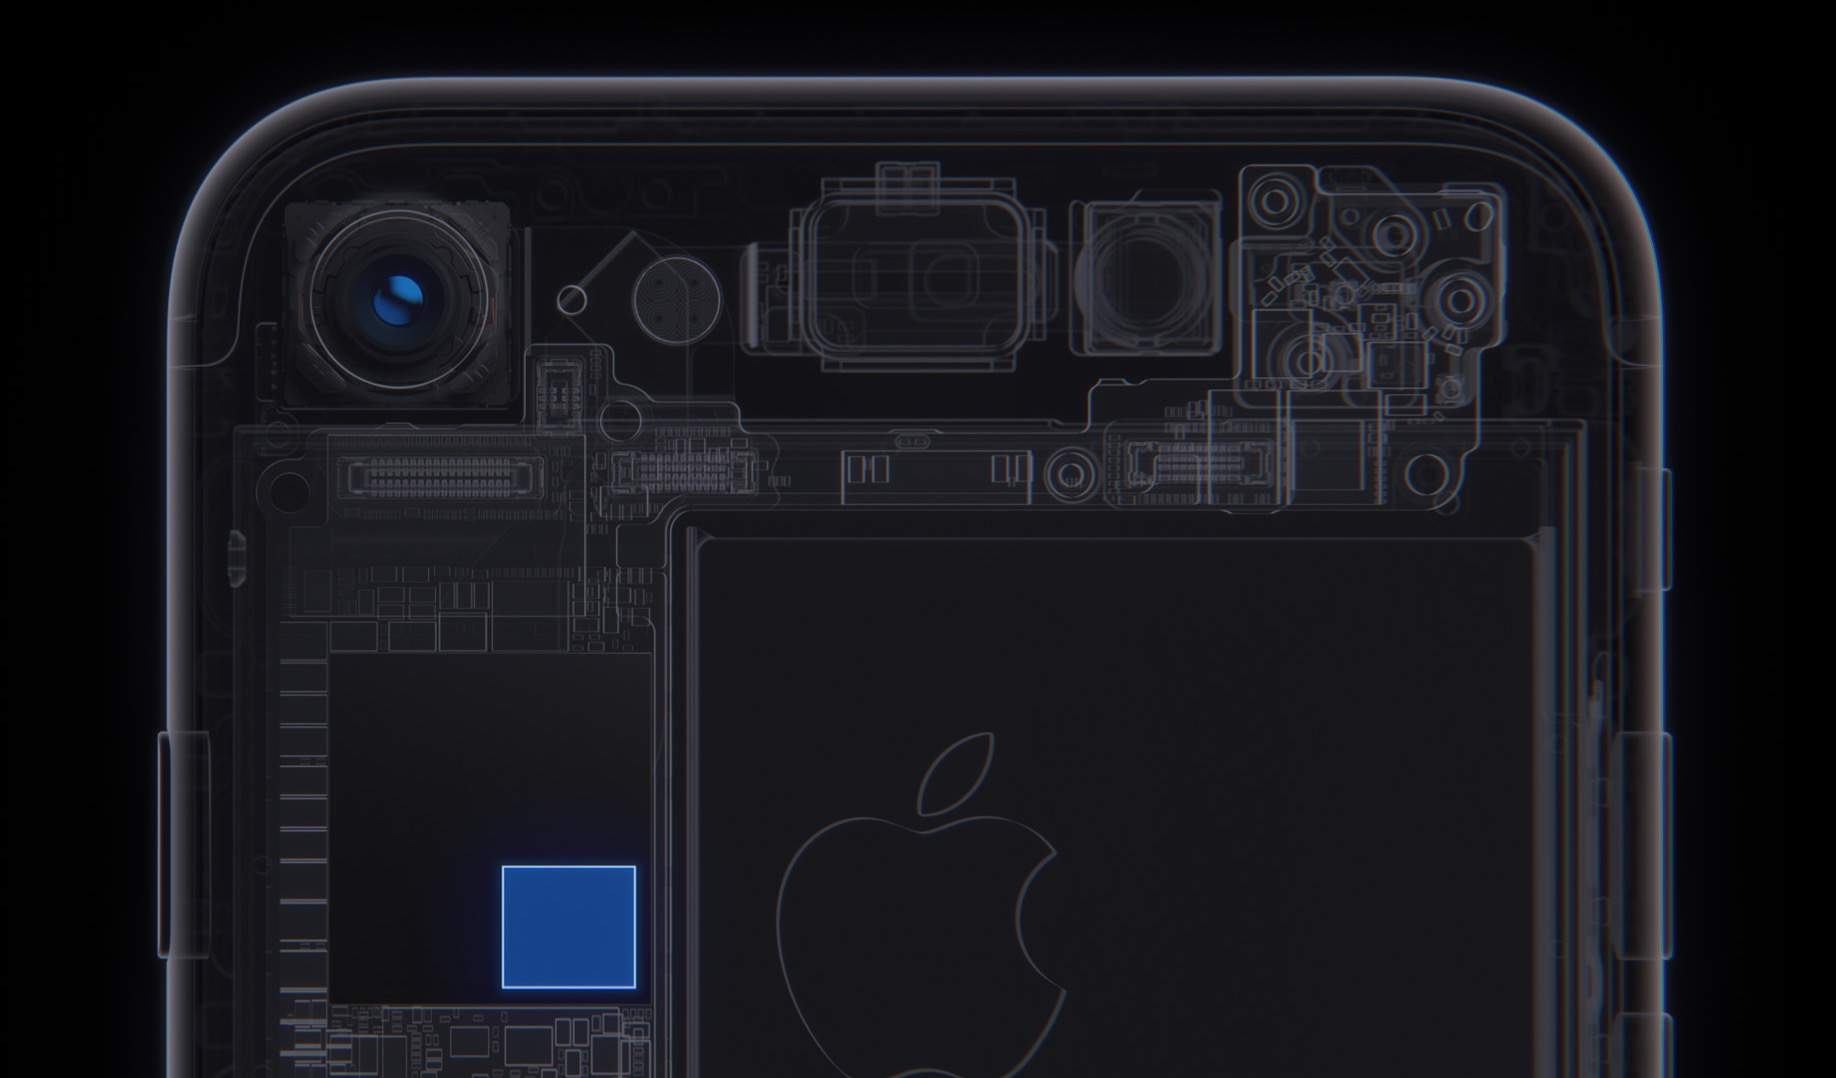 iPhone 7 fotocamera processore di immagine